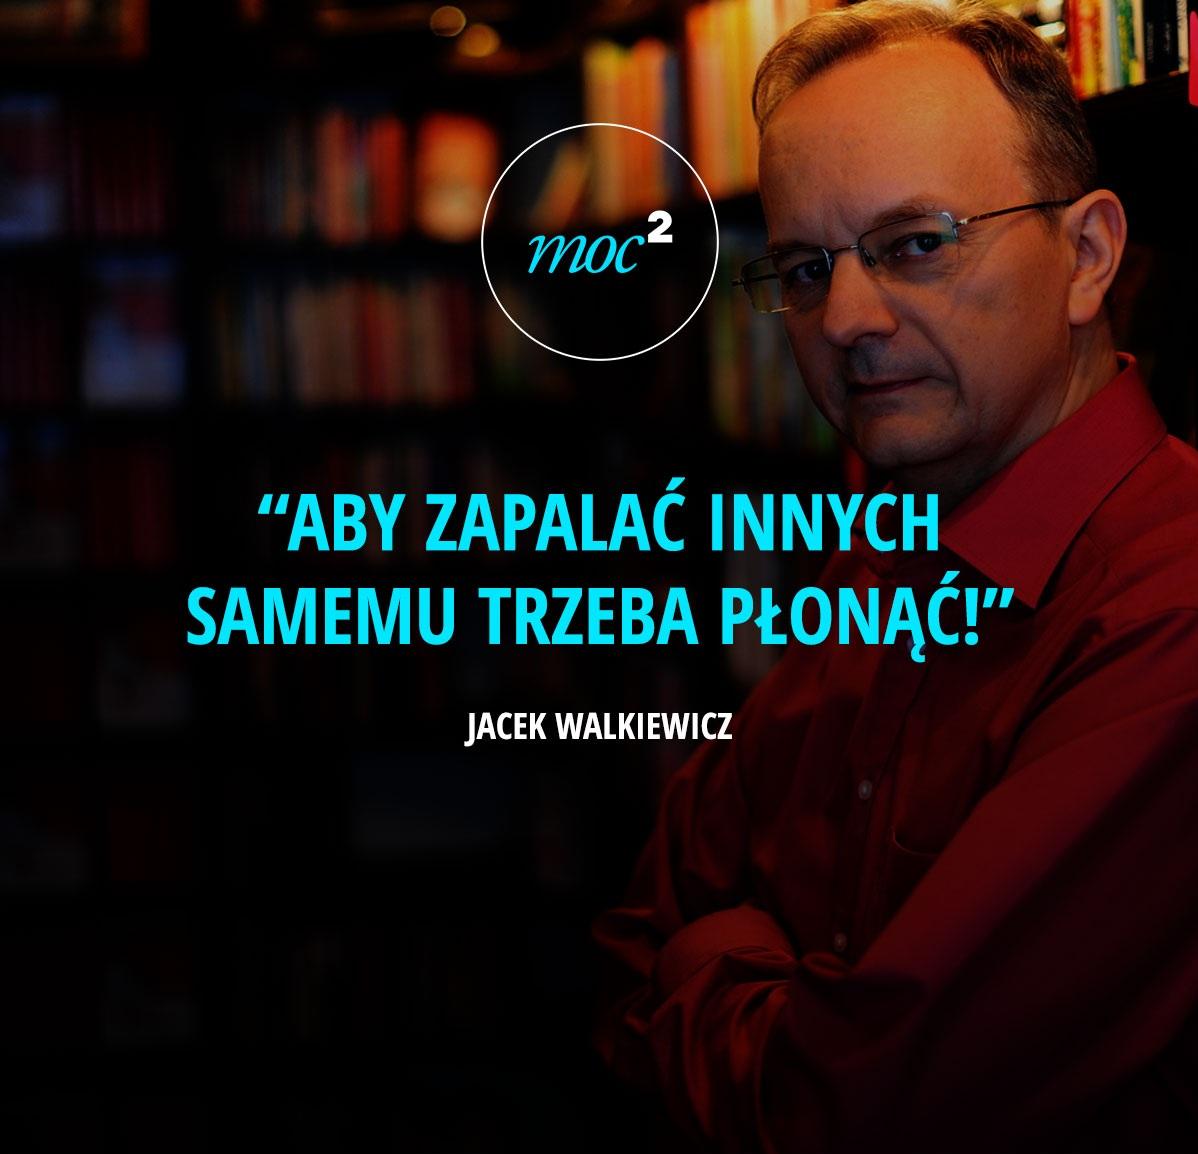 140627-cytaty-motywacja-inspiracja-festiwal-inspiracji-zapalac-plonac-Jacek-Walkiewicz